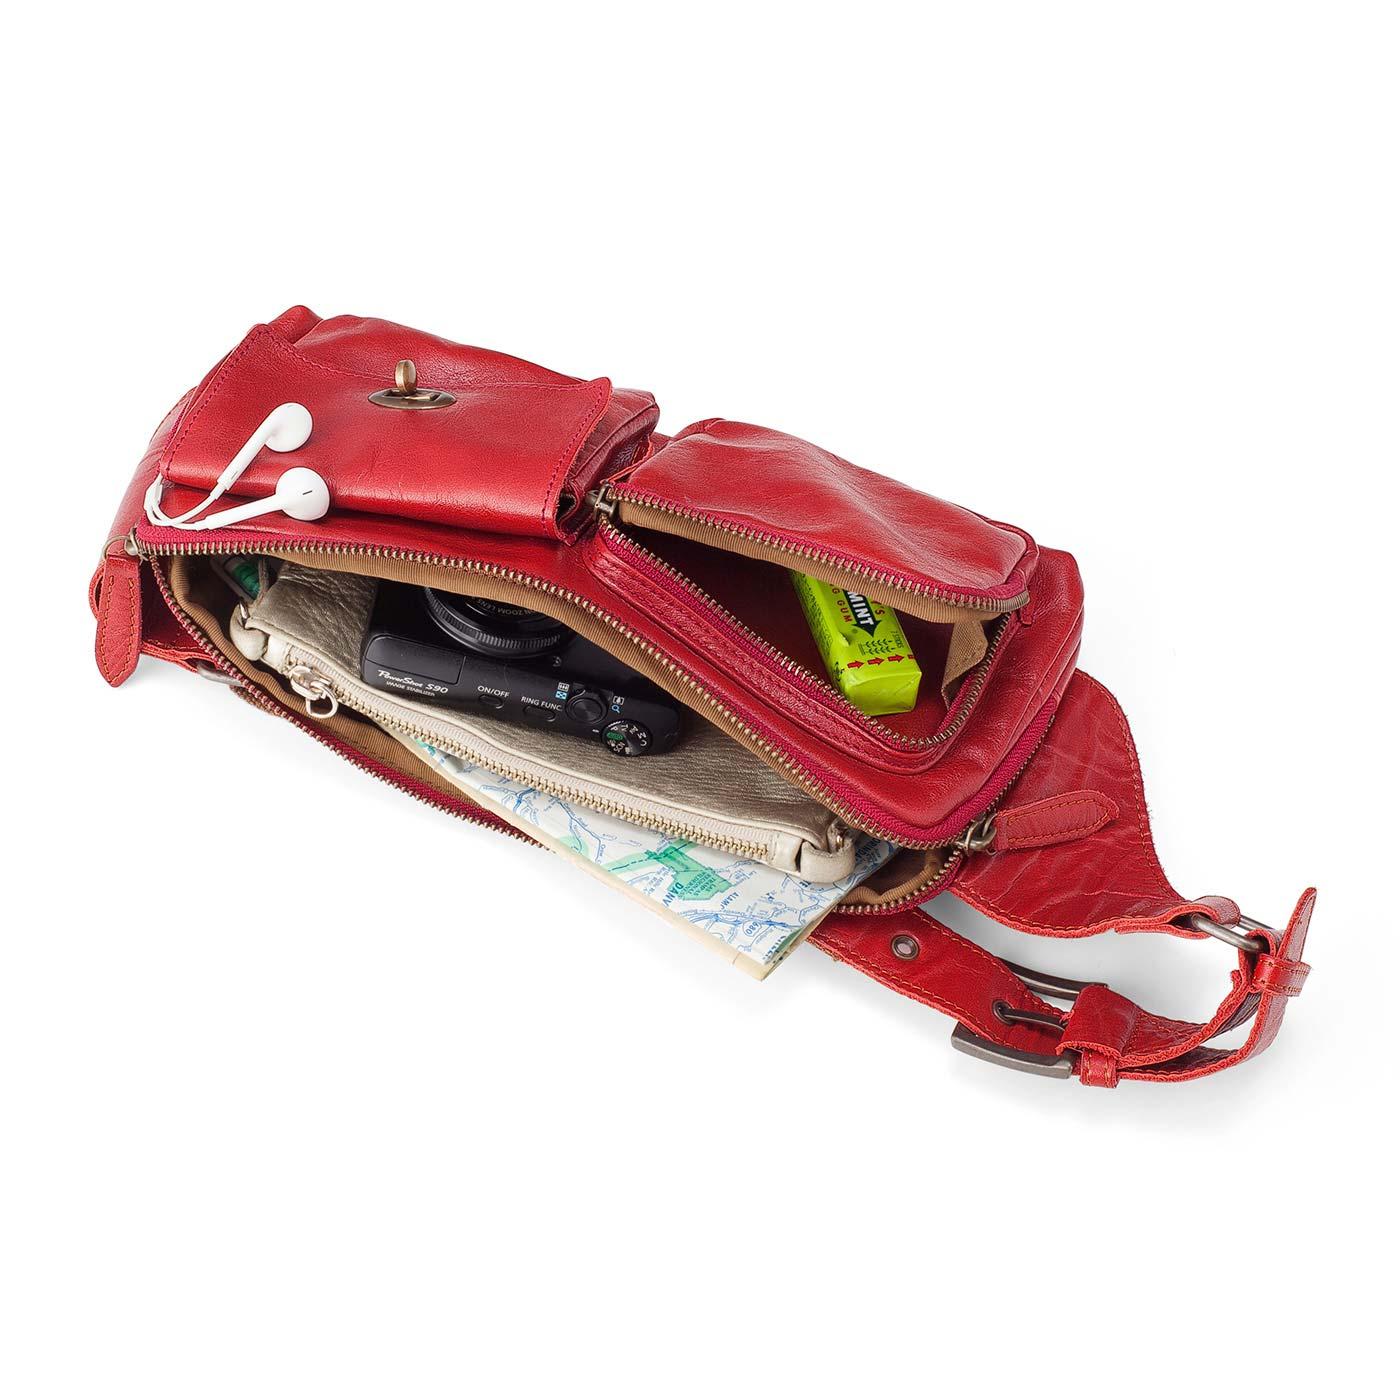 大きく開くメインポケットには、長財布もすっぽり。